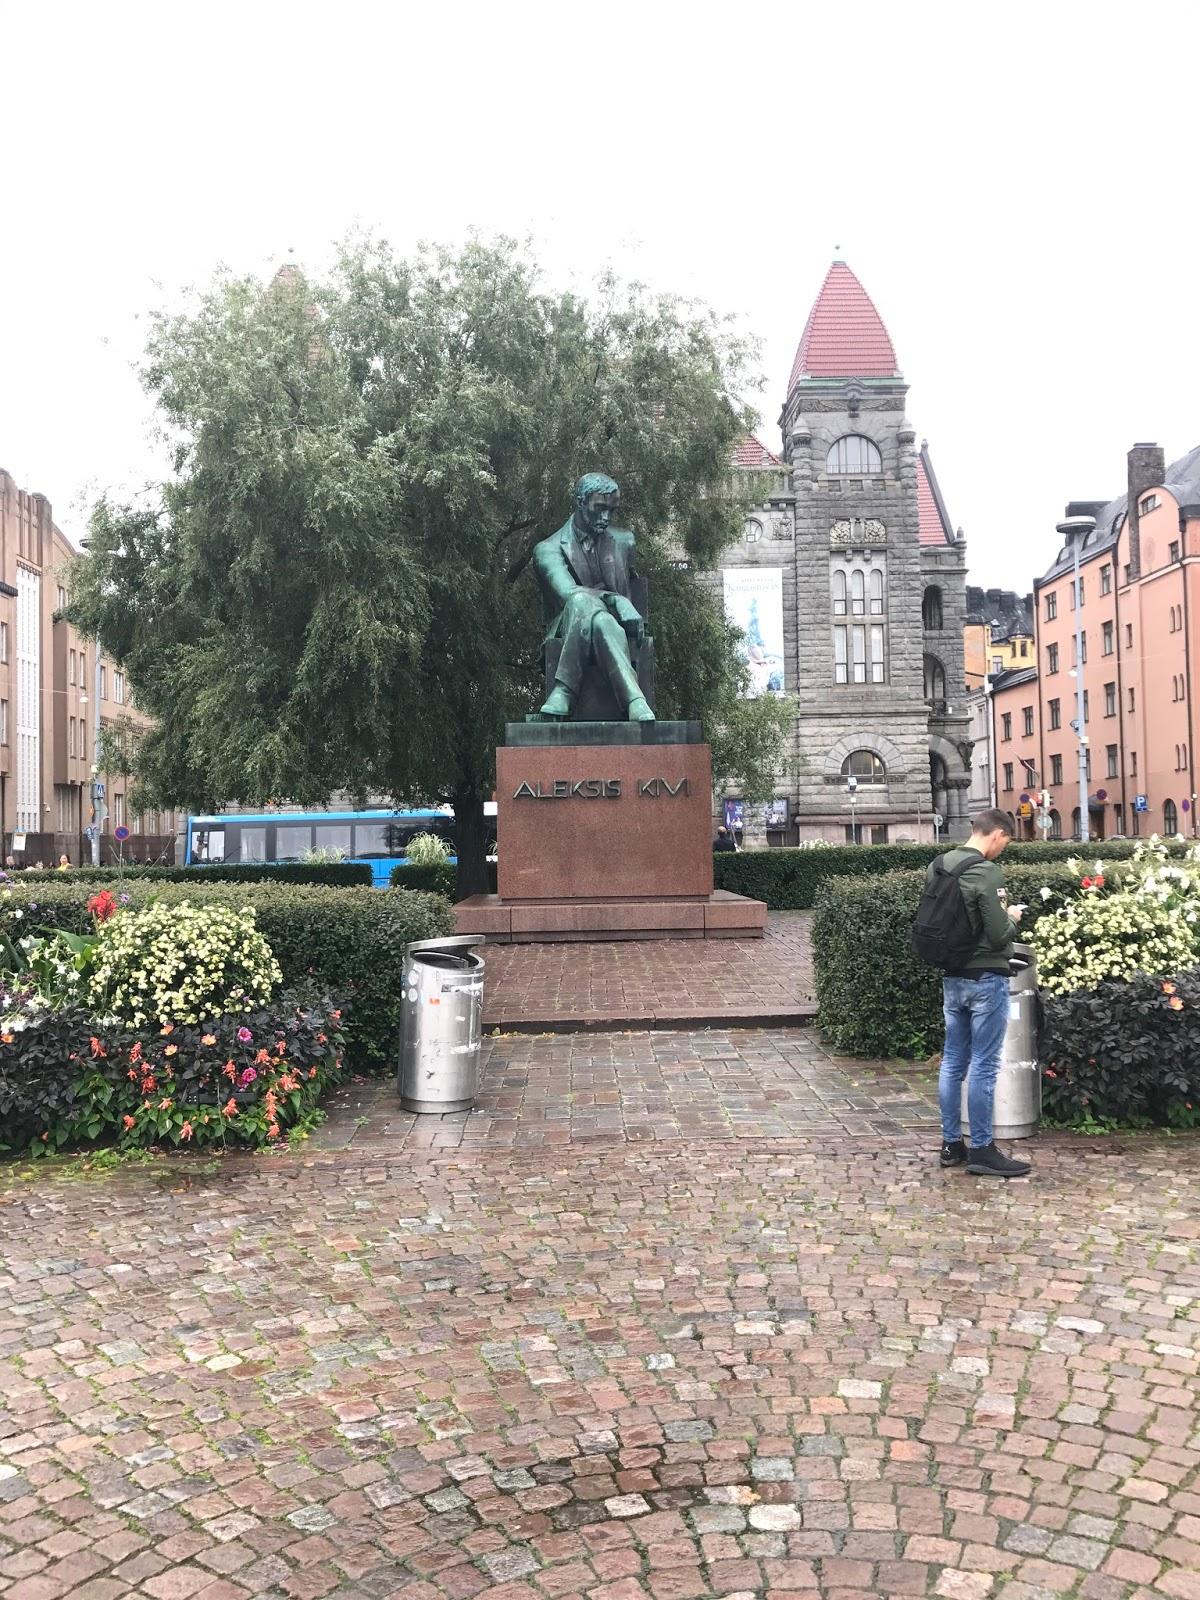 Estátua de Aleksis Kivi